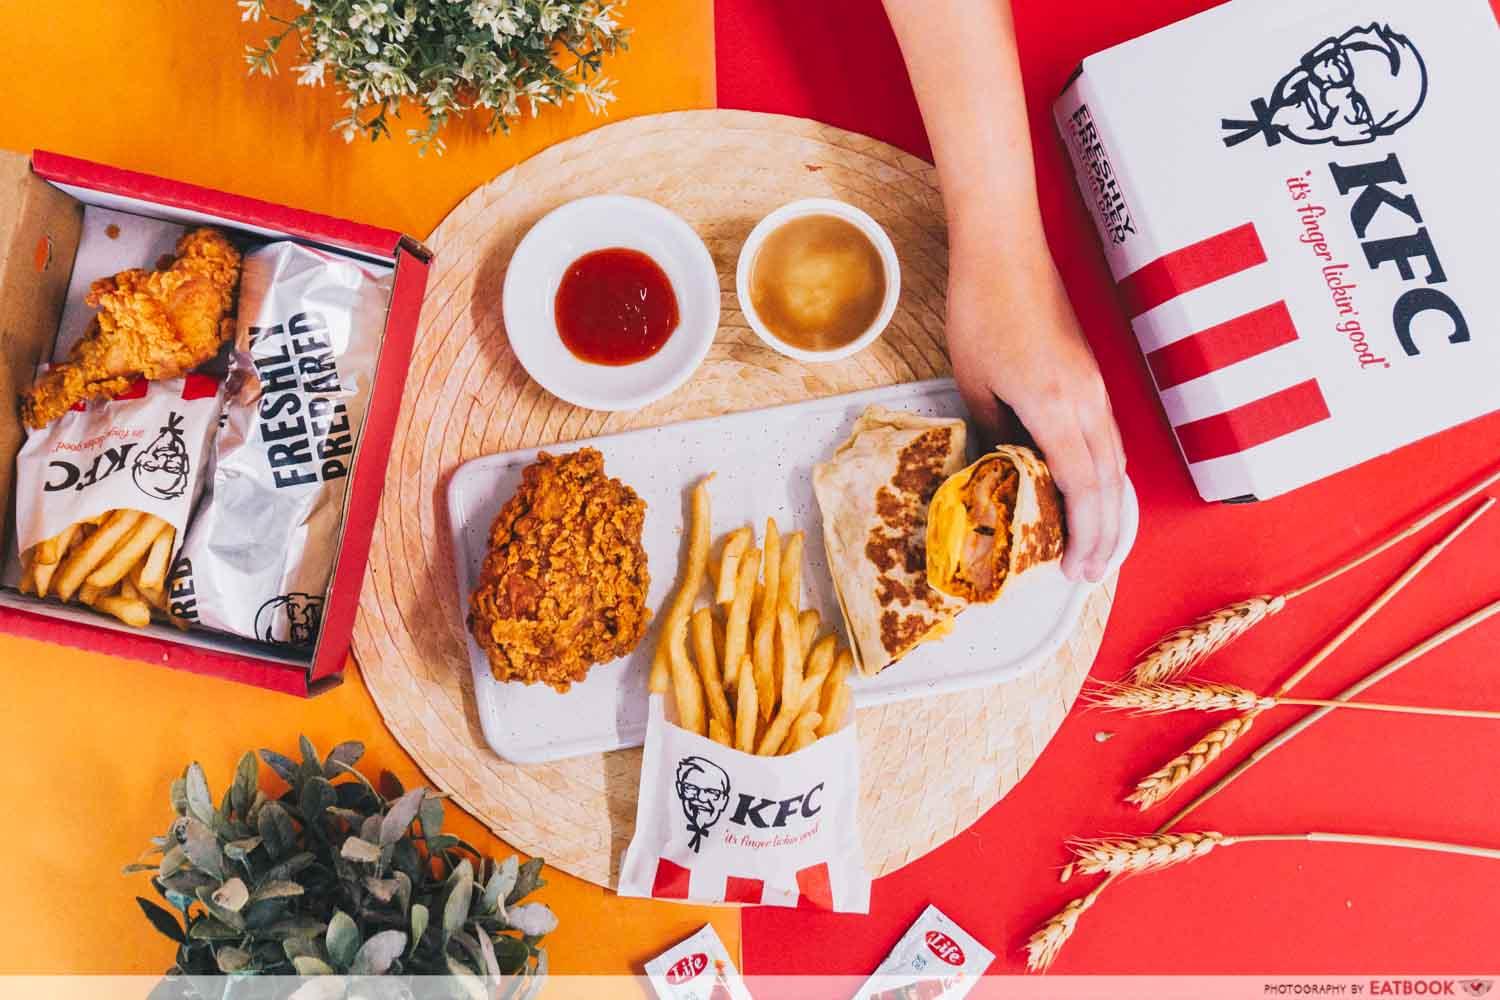 KFC zingerito - flatlay